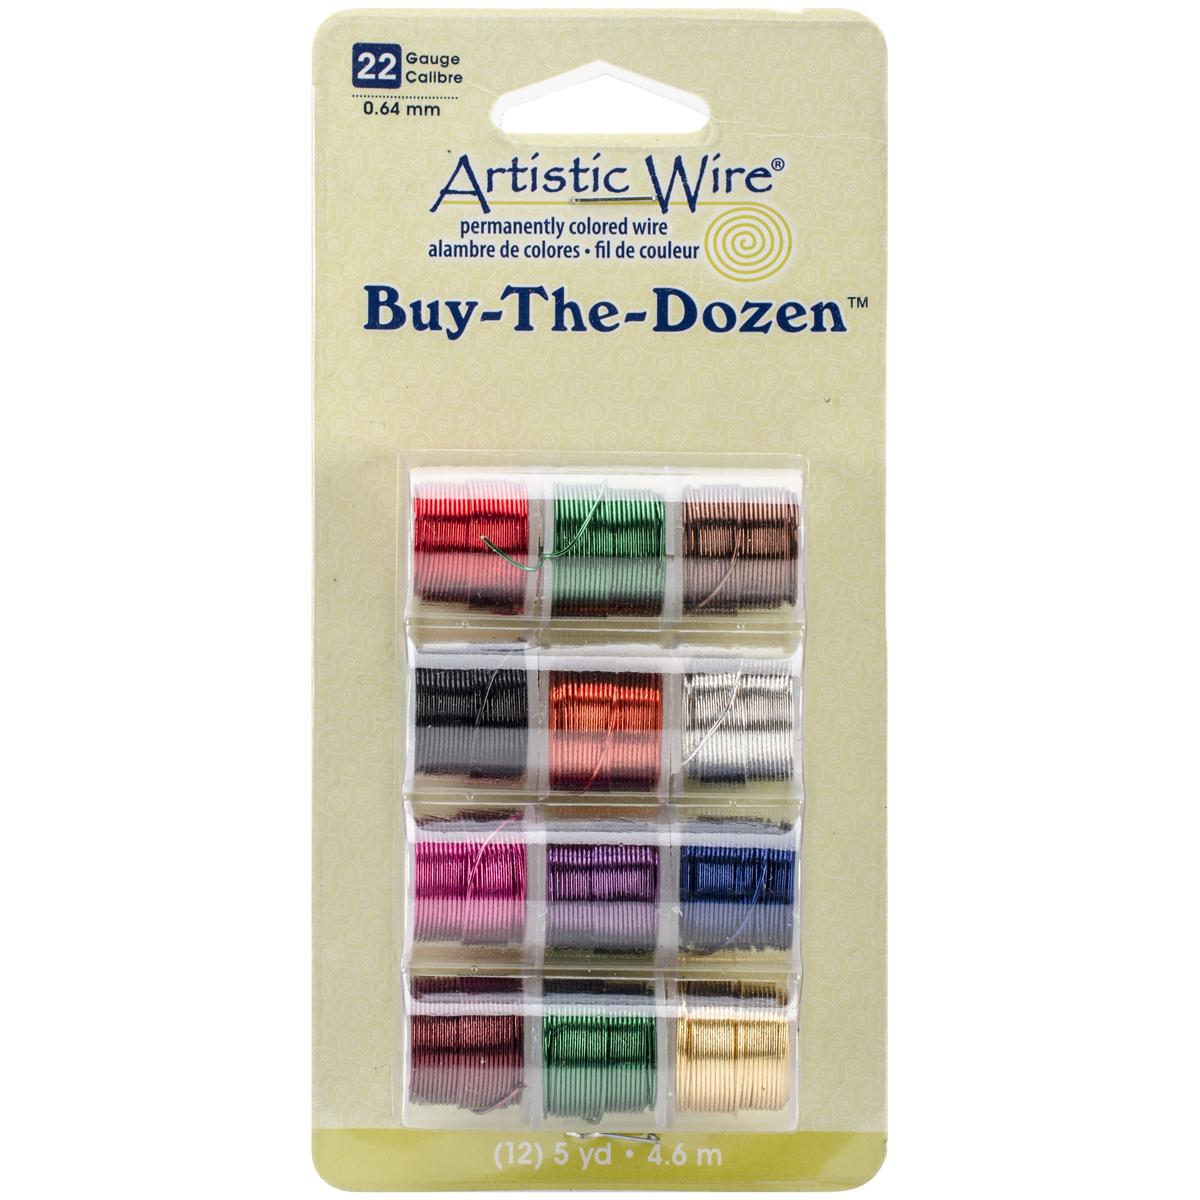 Artistic Wire Buy-The-Dozen 5yd 12/Pkg-22 Gauge